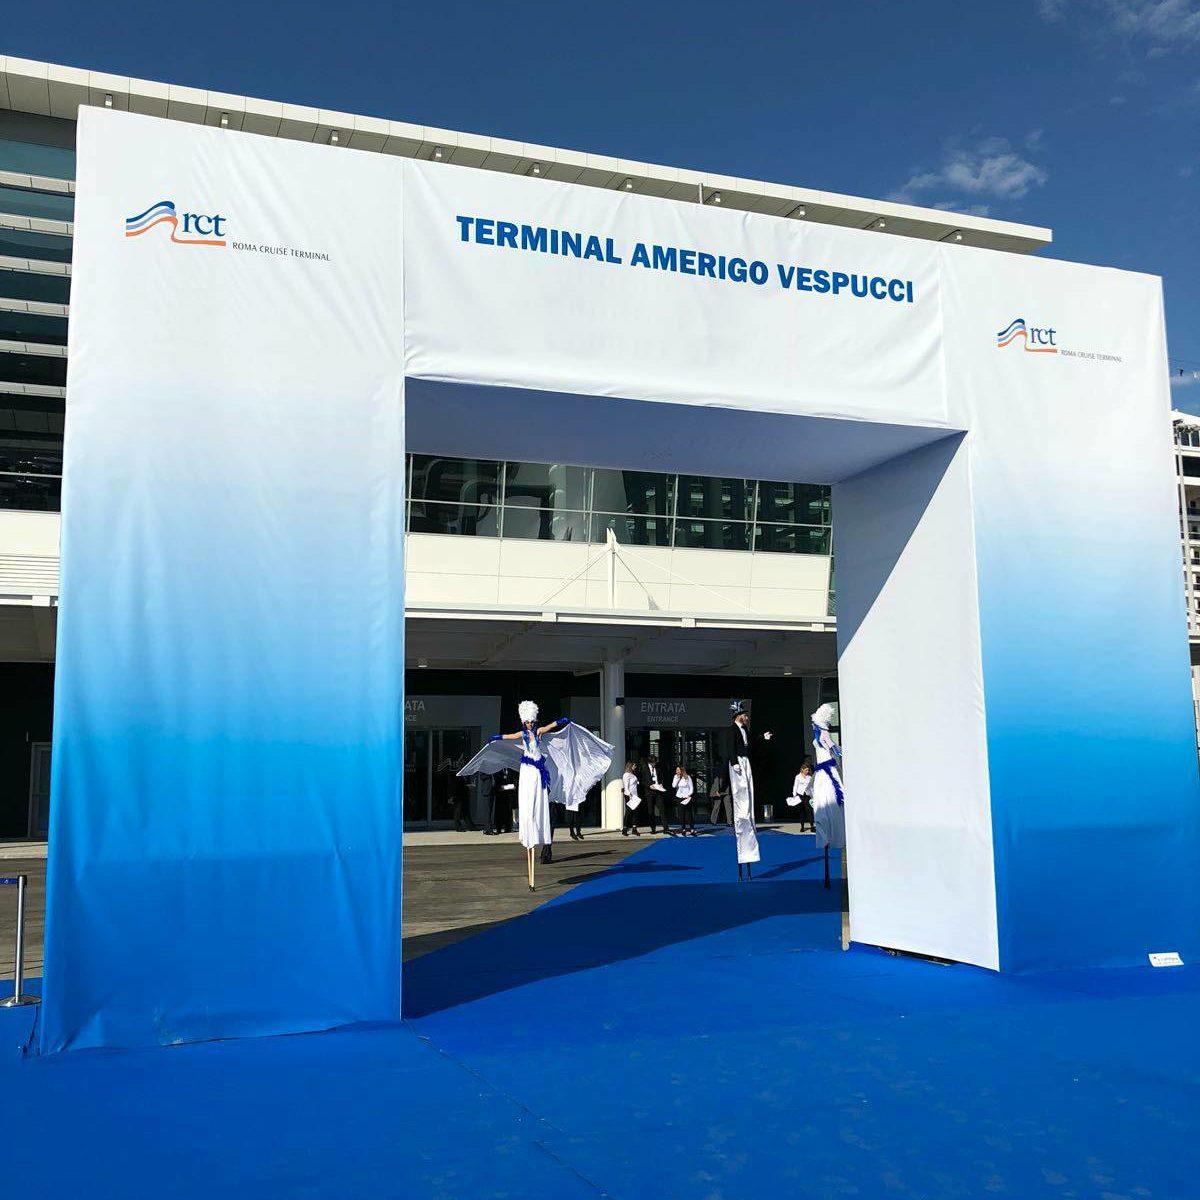 L'inaugurazione del nuovo terminal Amerigo Vespucci